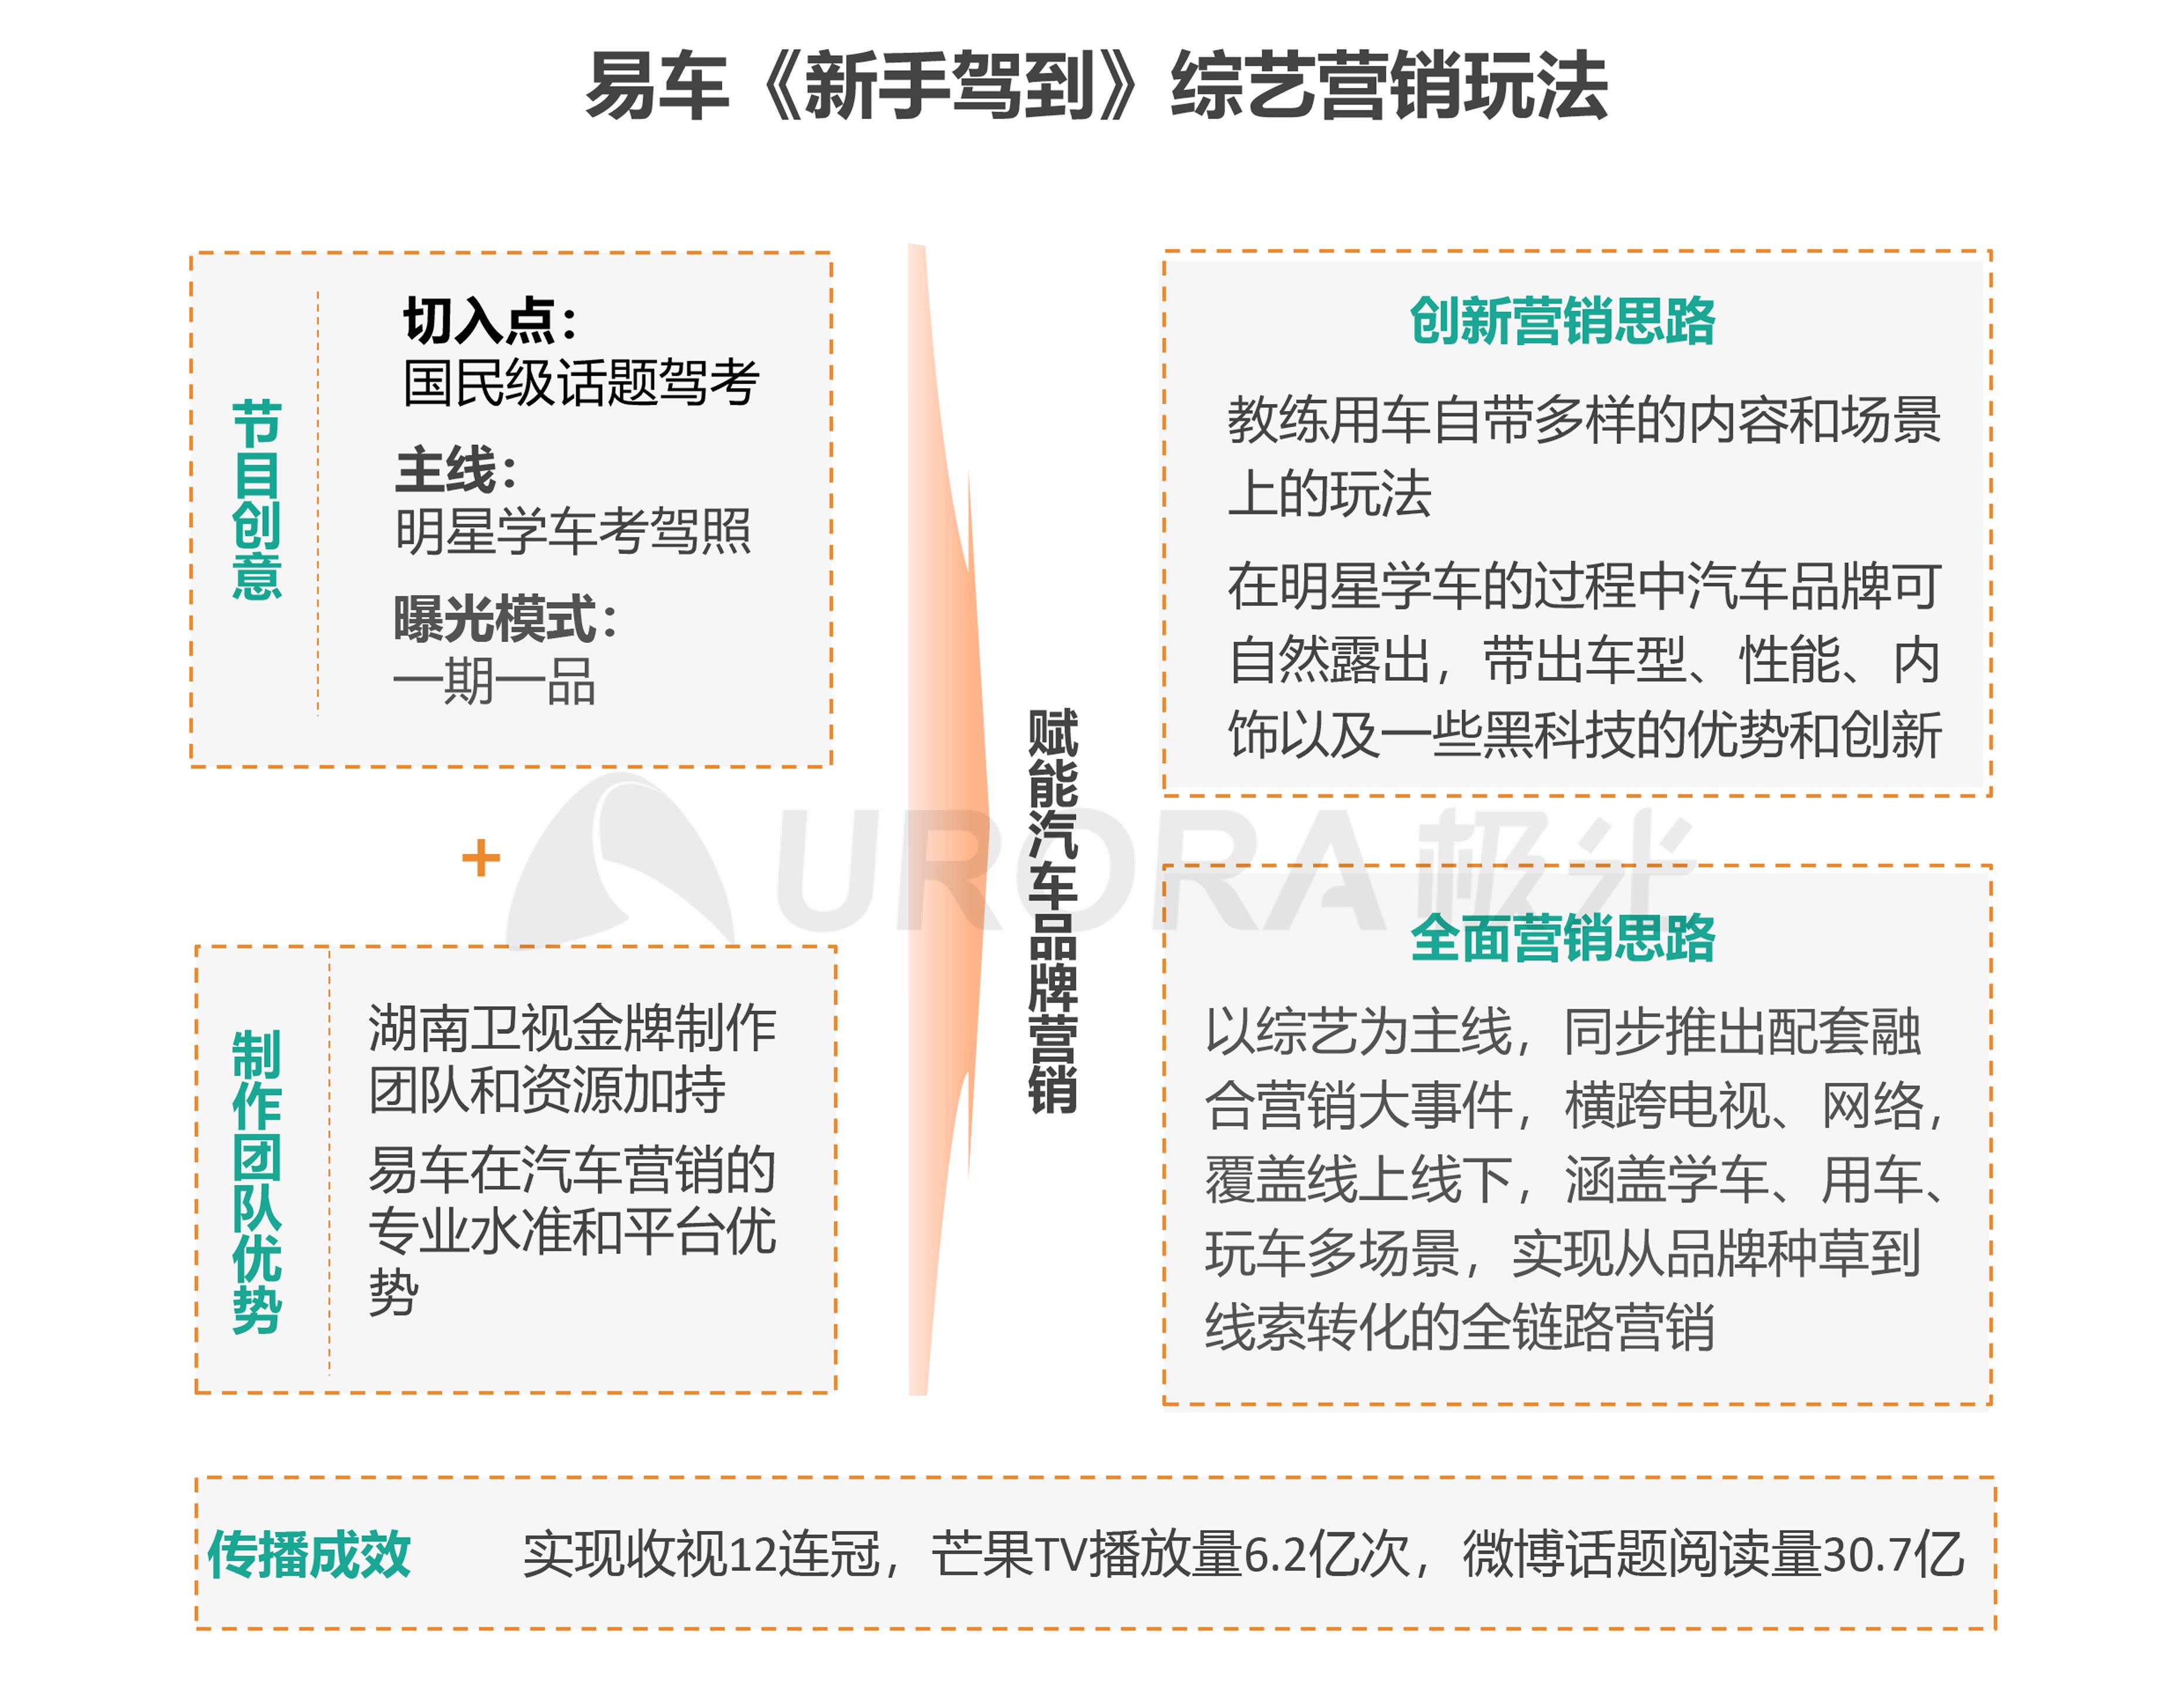 极光:汽车资讯行业洞察 (19).png